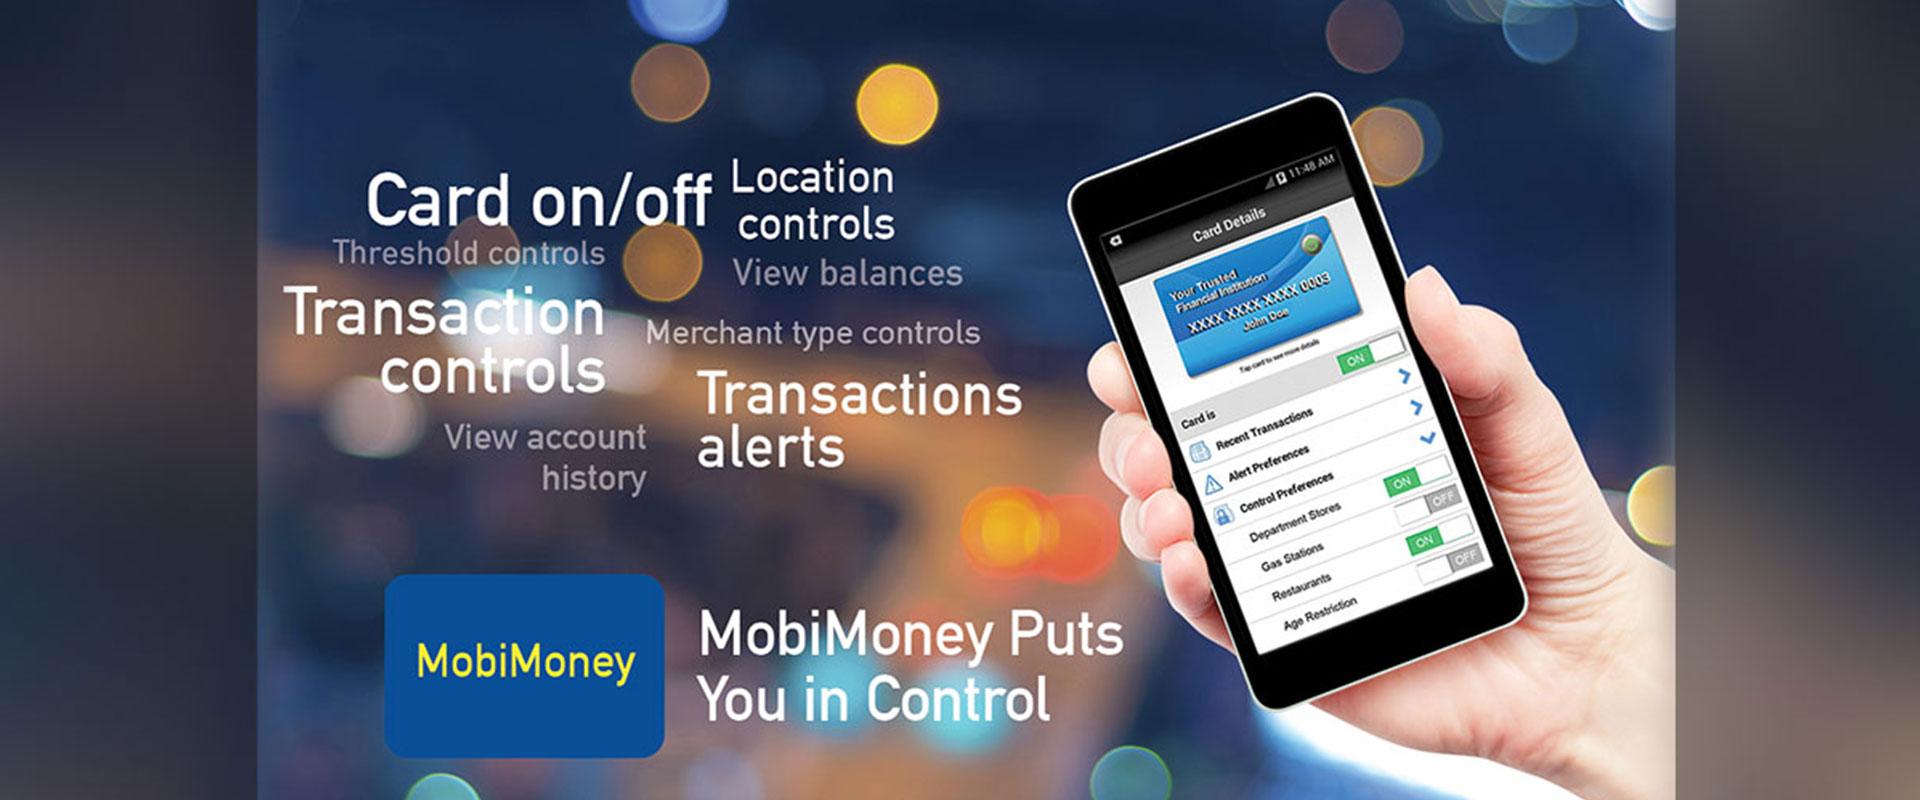 mobi_money_2021_slide